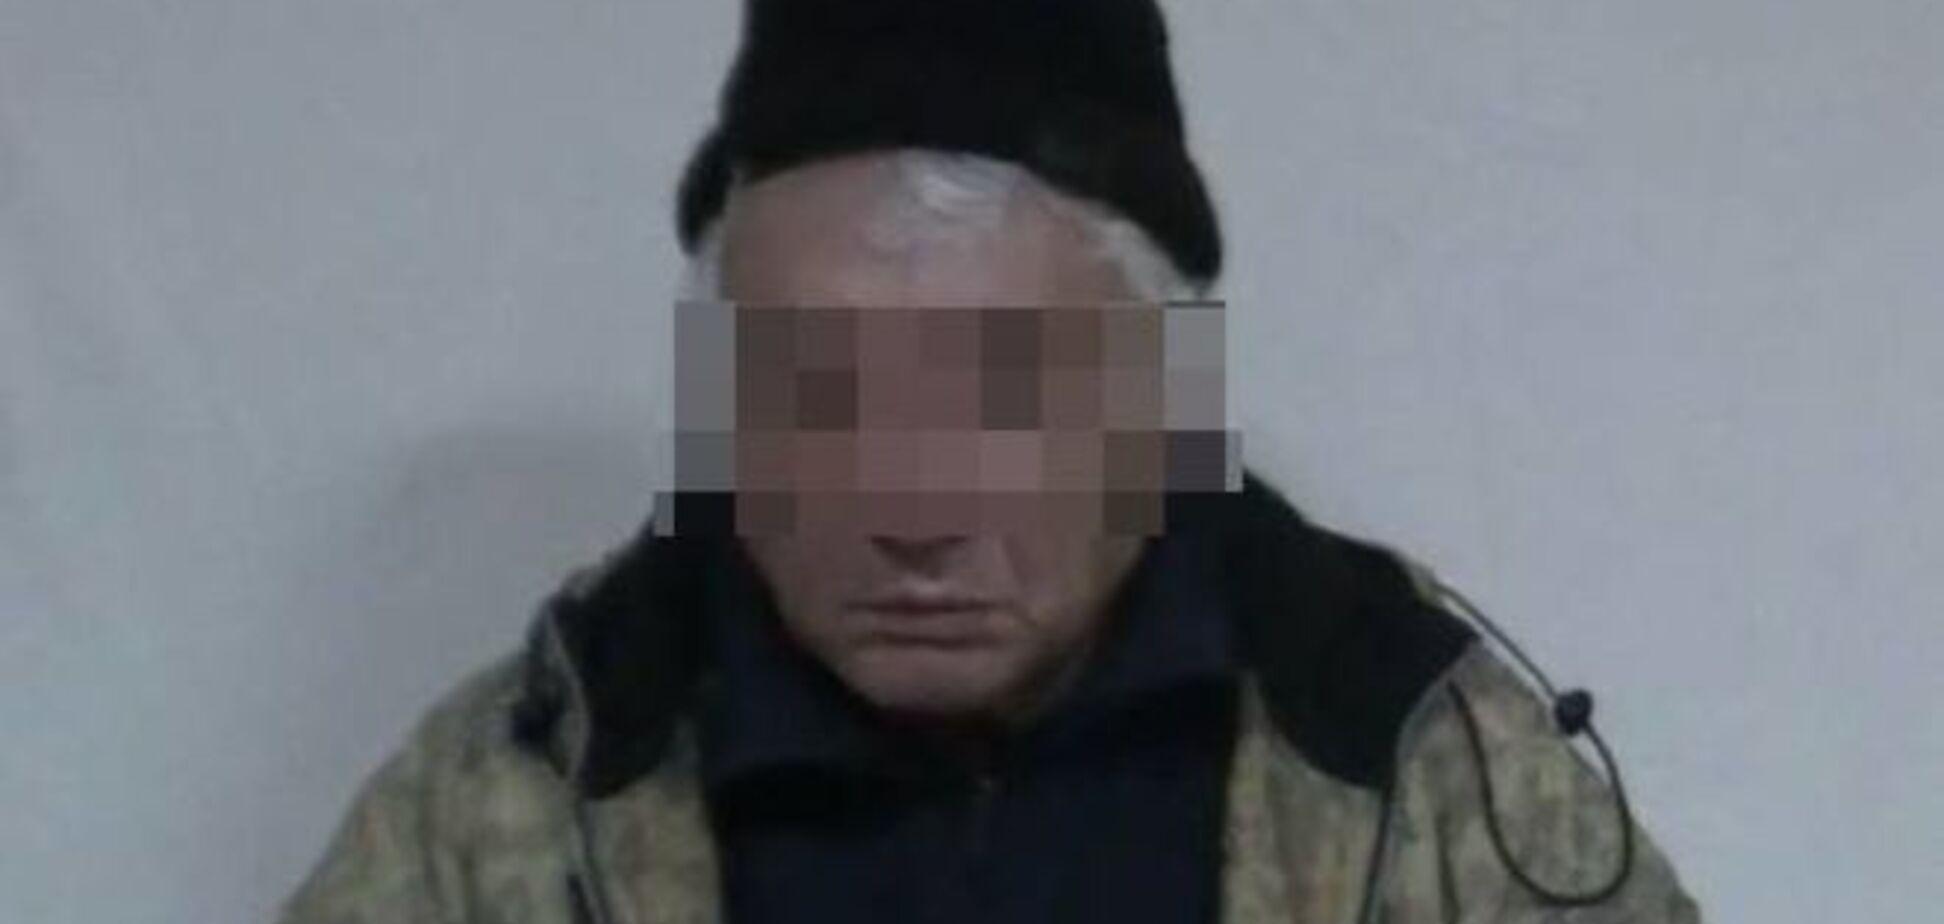 СБУ задержала очередного российского диверсанта в Донецкой области с арсеналом оборудования для шпионажа